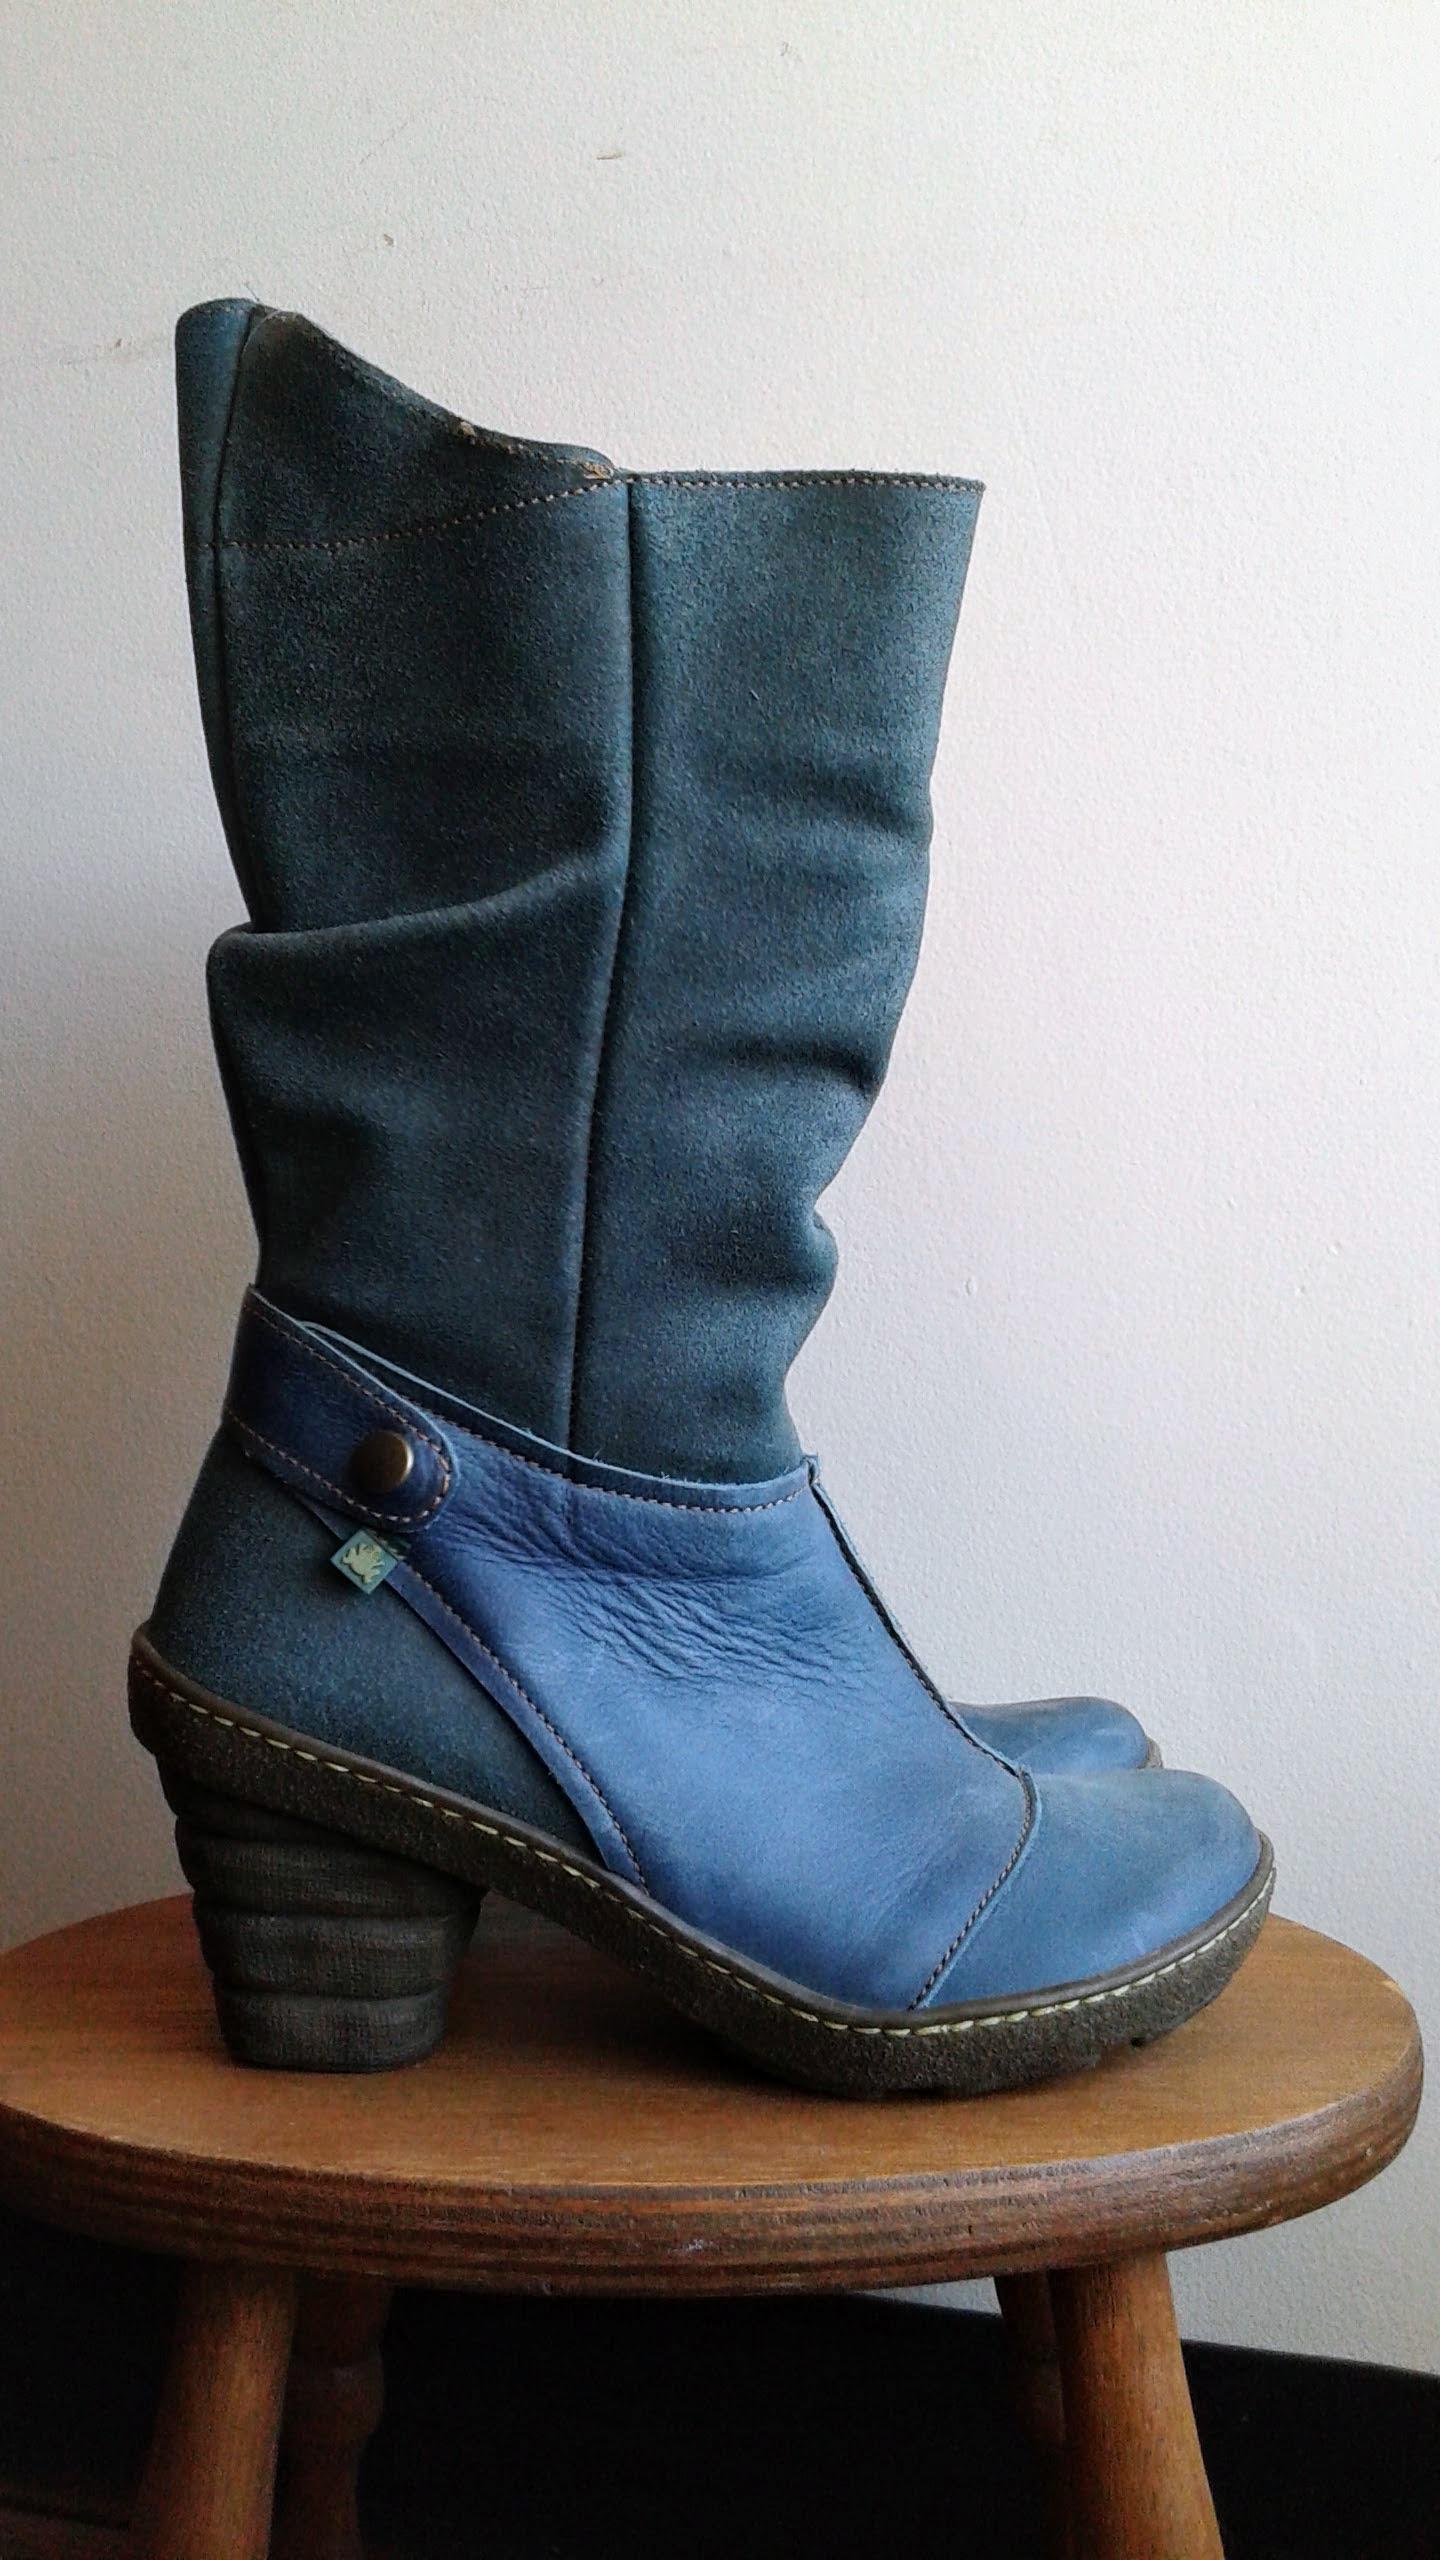 El Naturalista boots; S7, $85